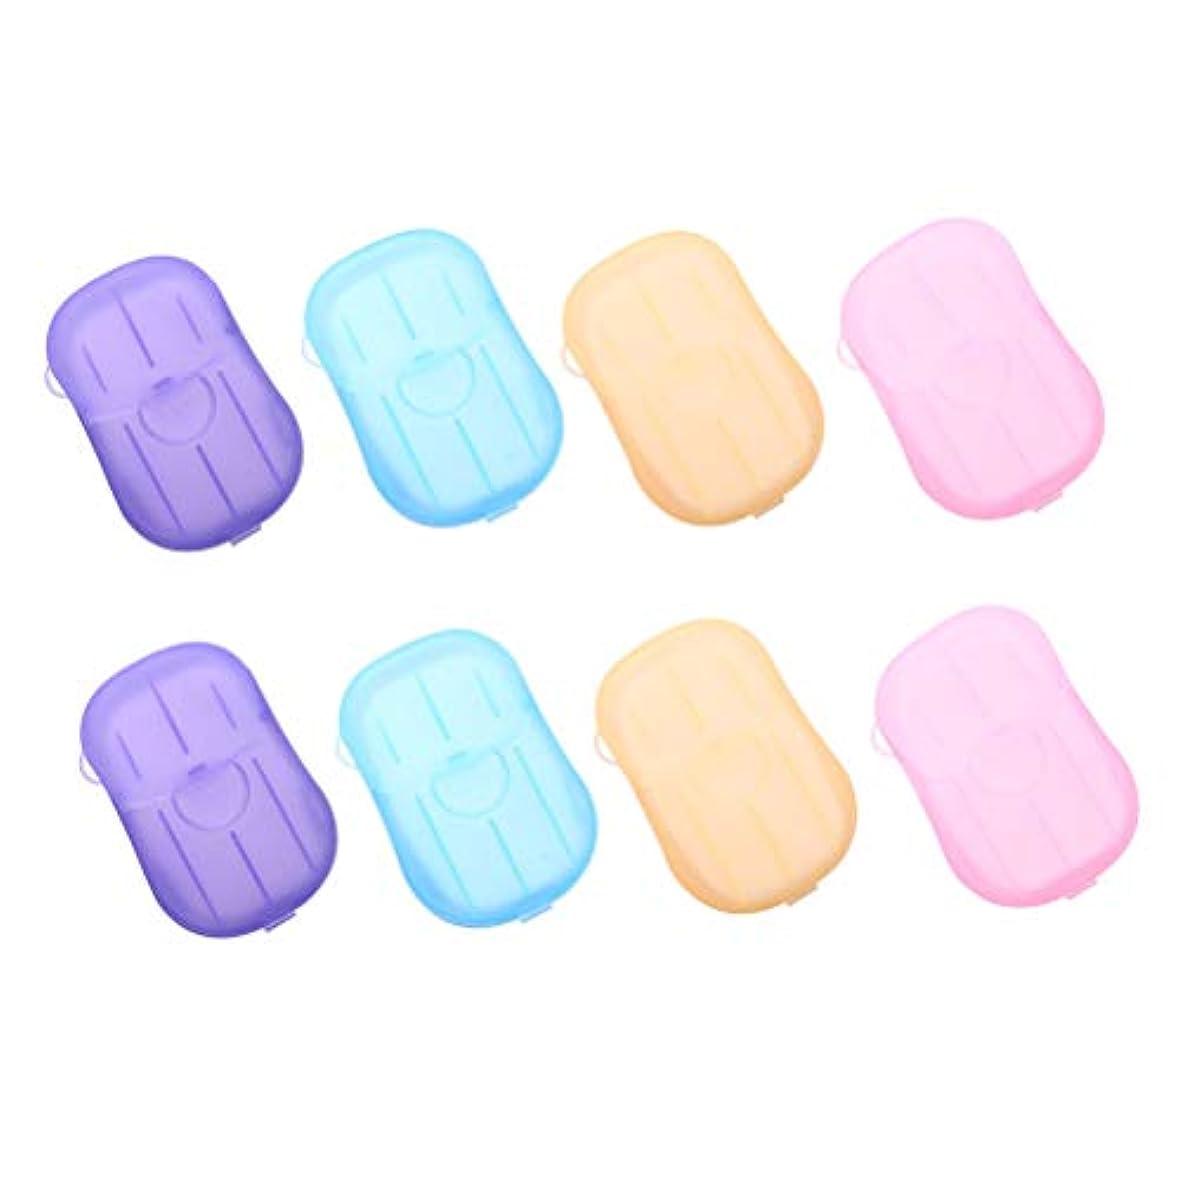 チーター刺繍十億SUPVOX 8ピースポータブルソープペーパー使い捨て手洗いペーパーソープスライスシート用子供大人トイレ旅行屋外